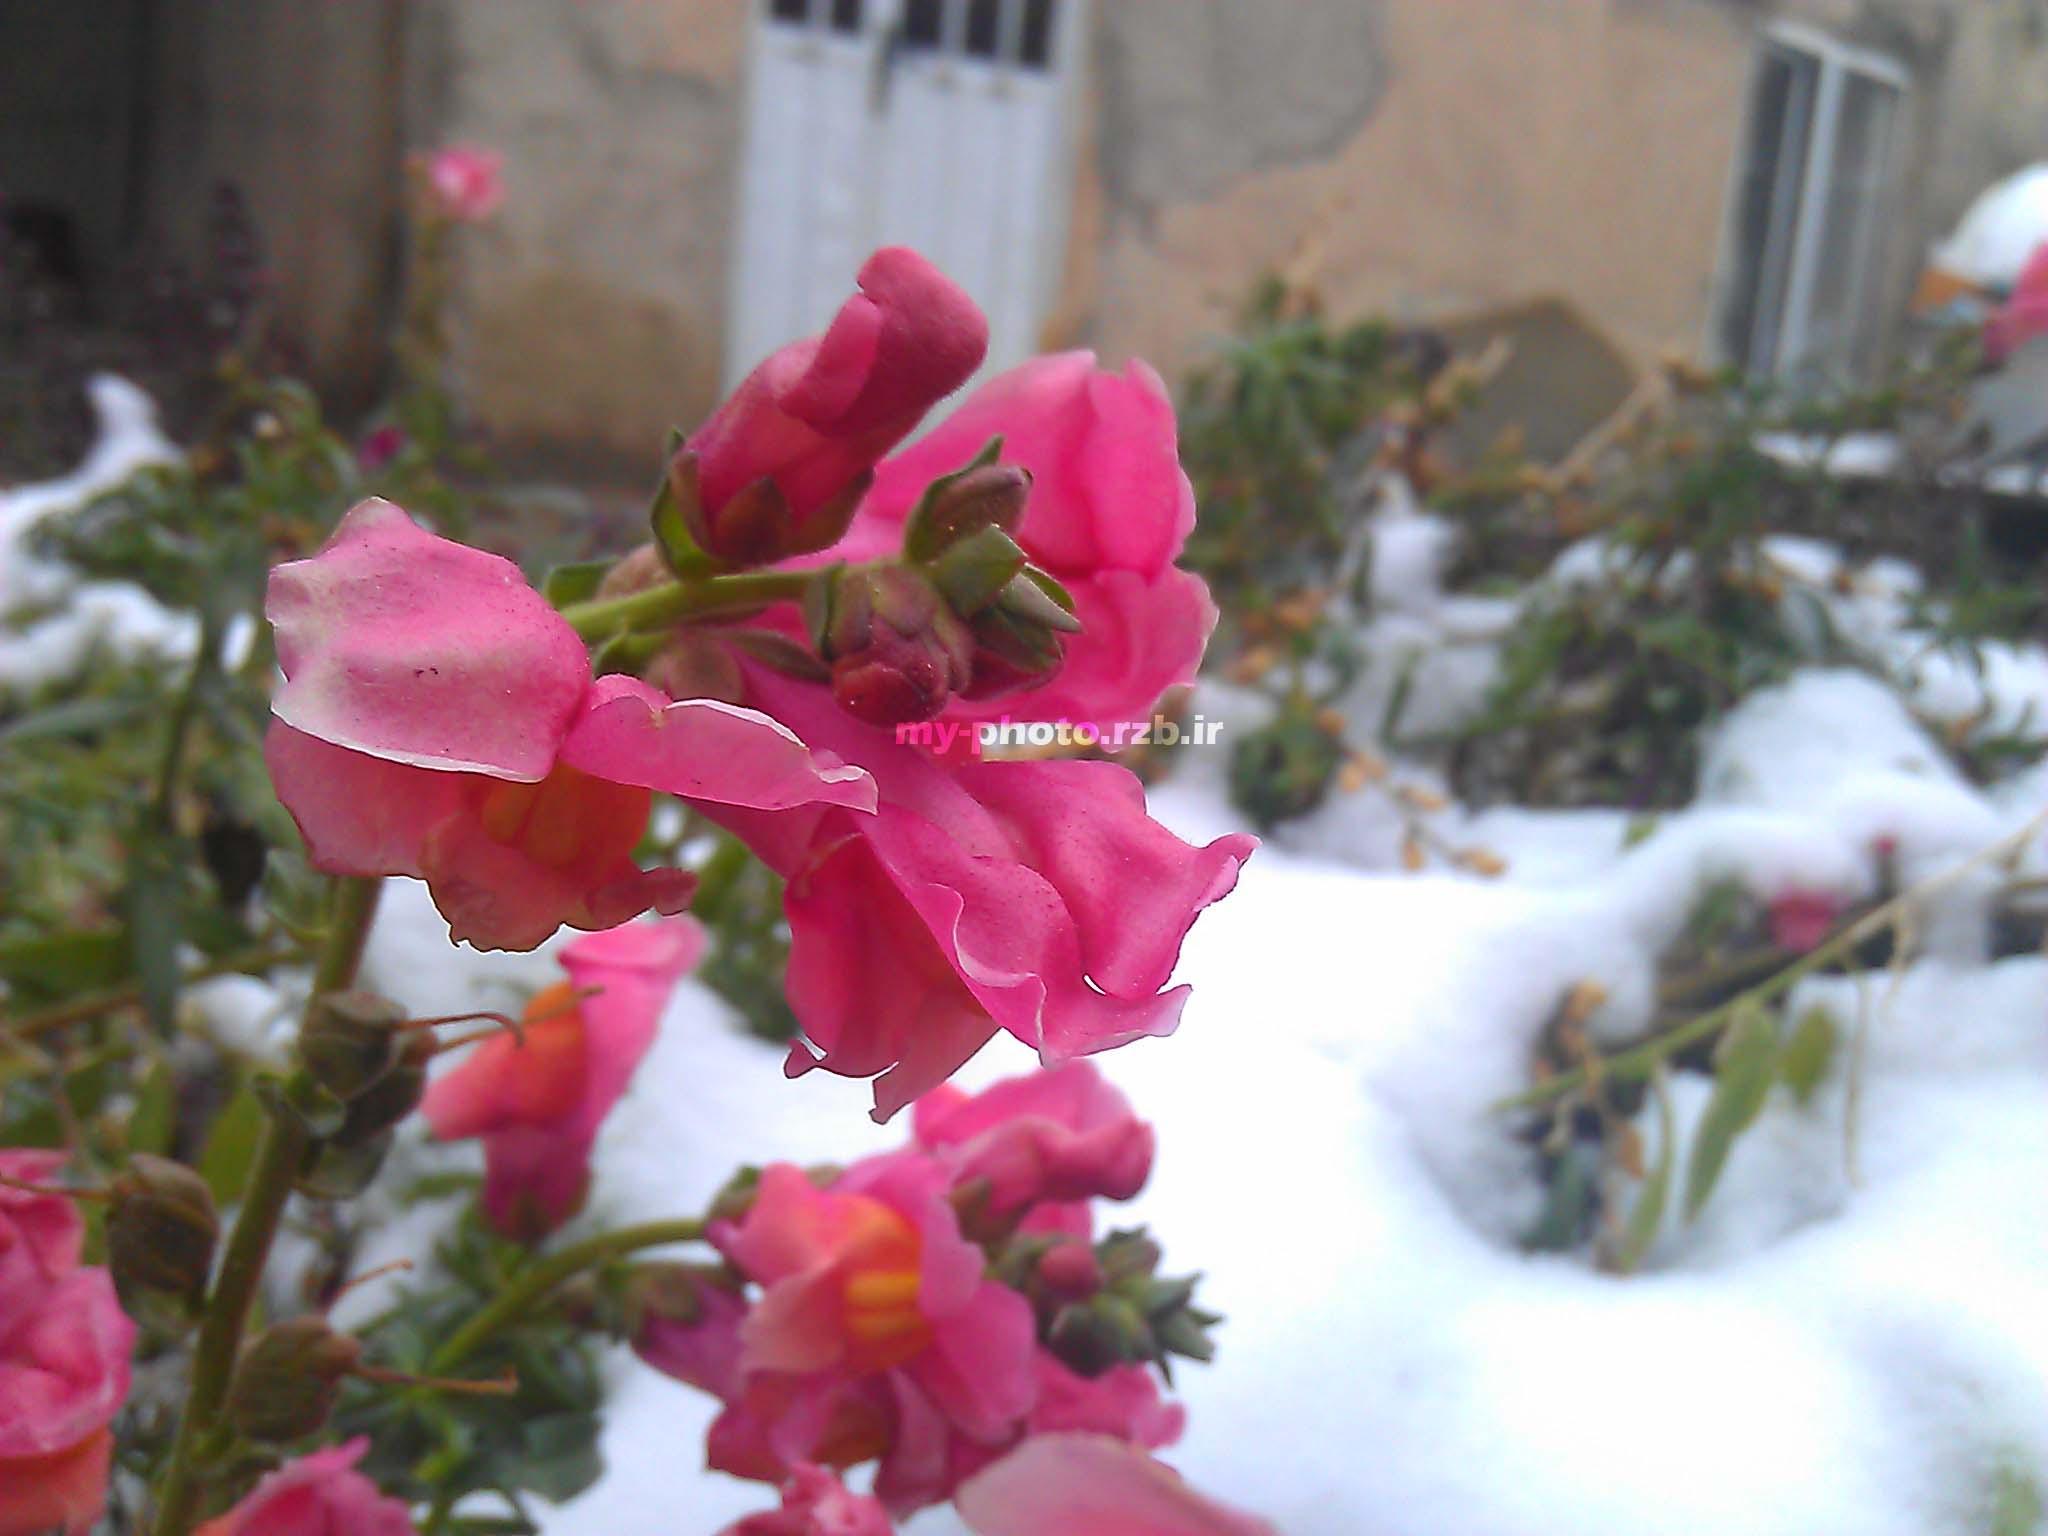 عکس16:«گل و برف»